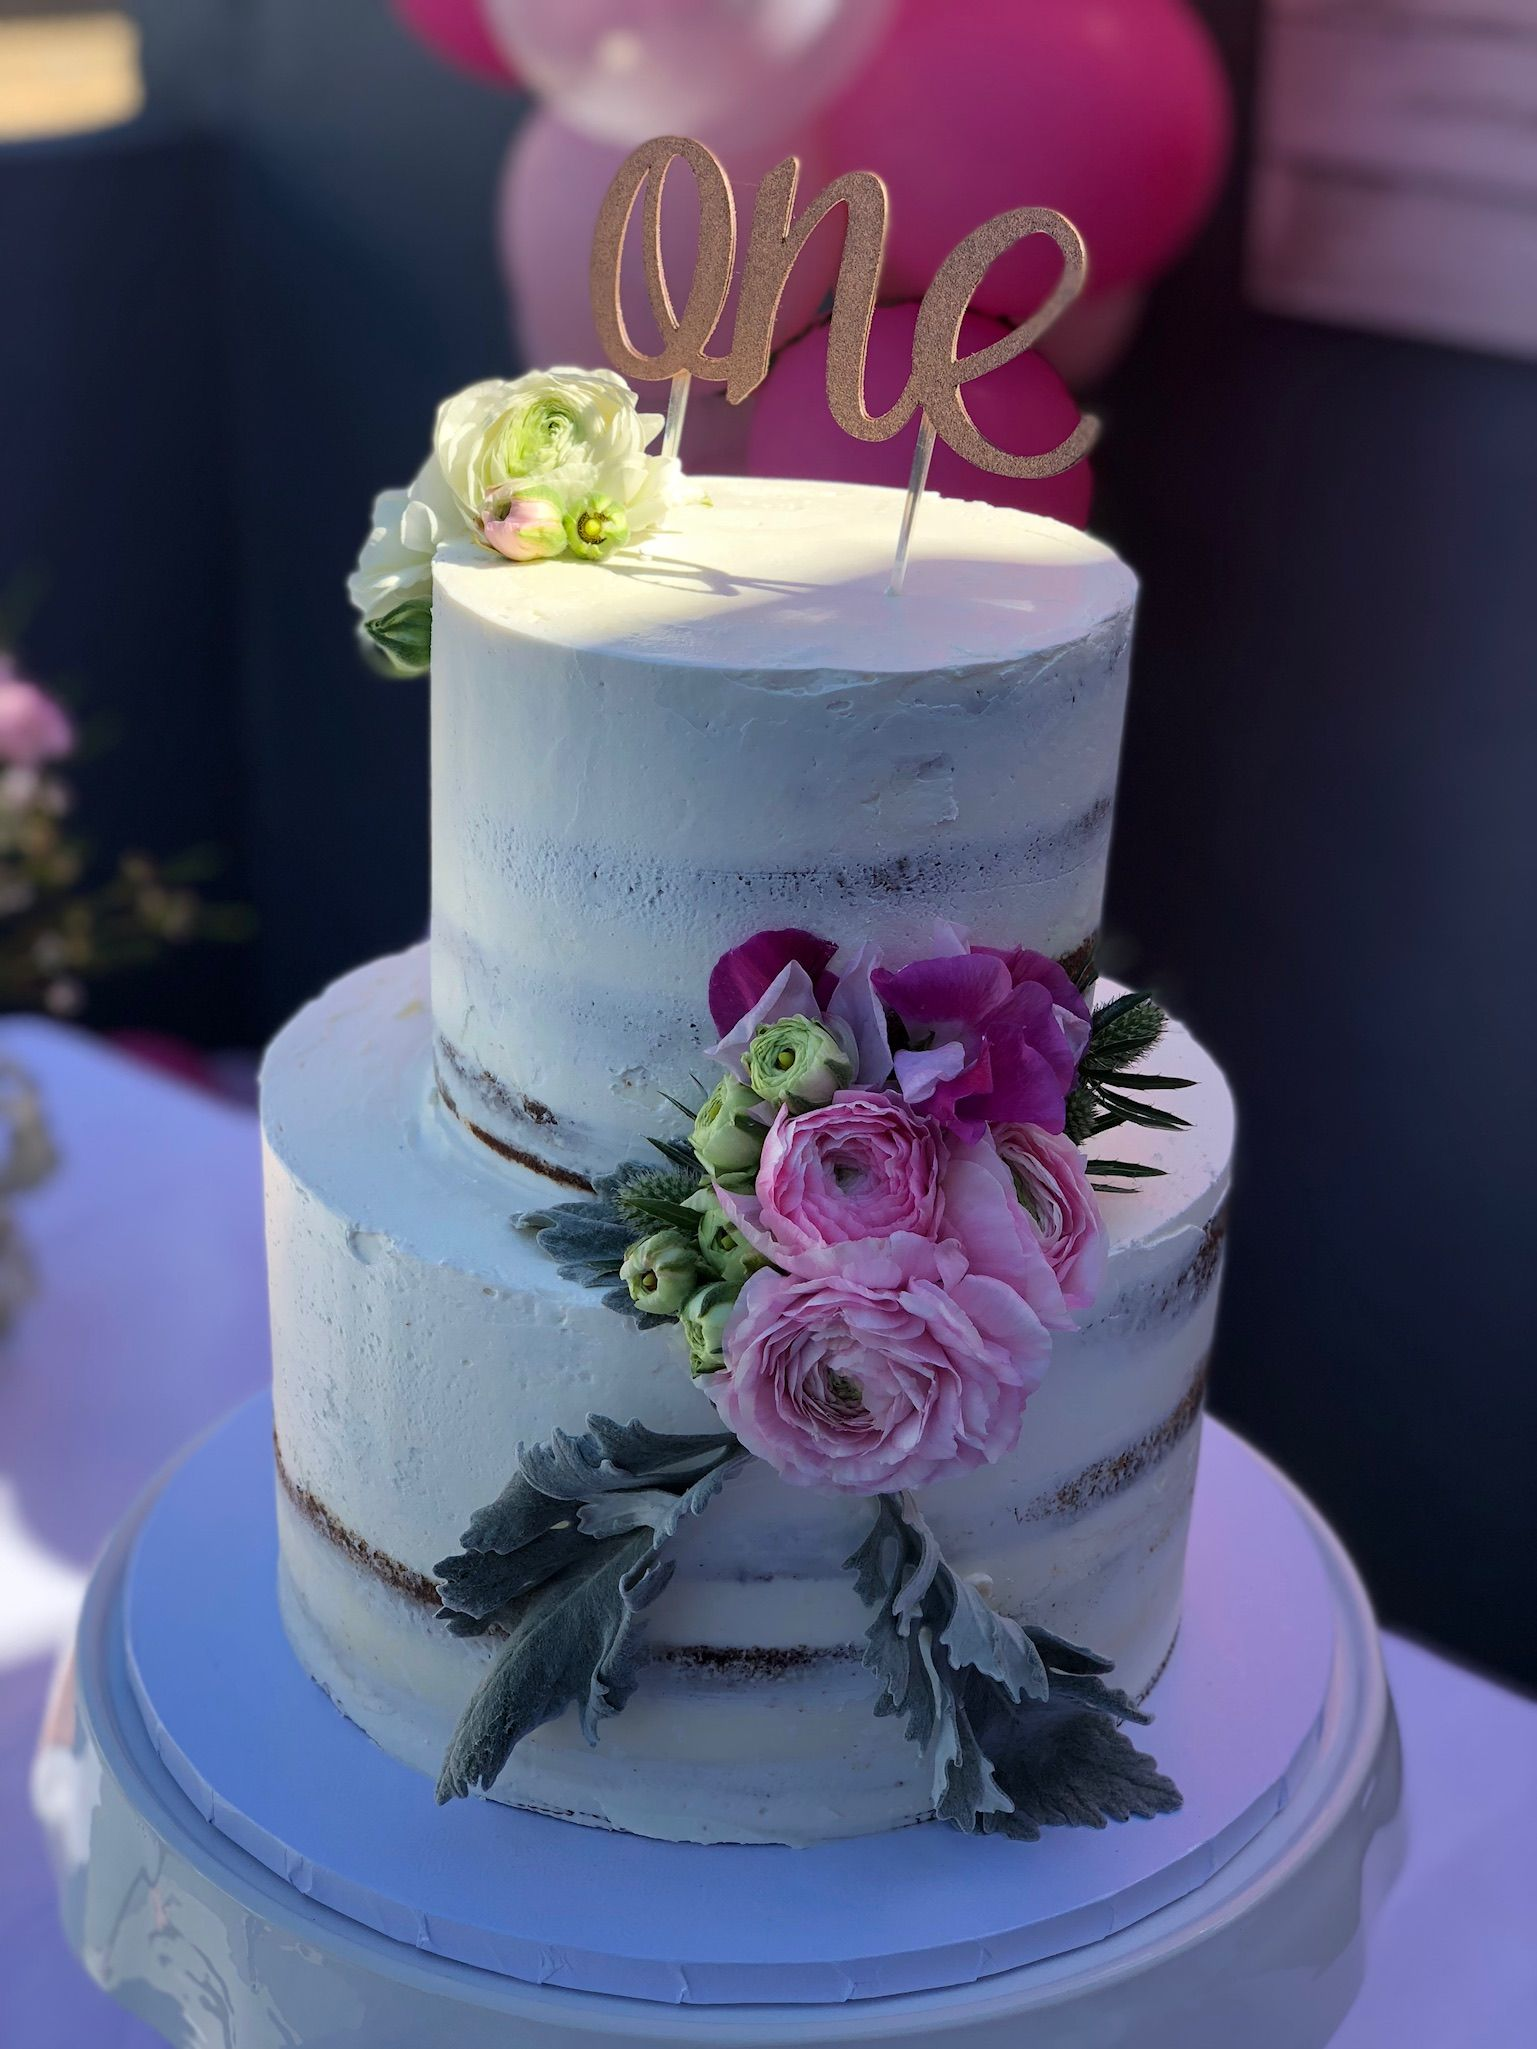 Breathtaking Photographs of 25 Lace Wedding Cake Ideas